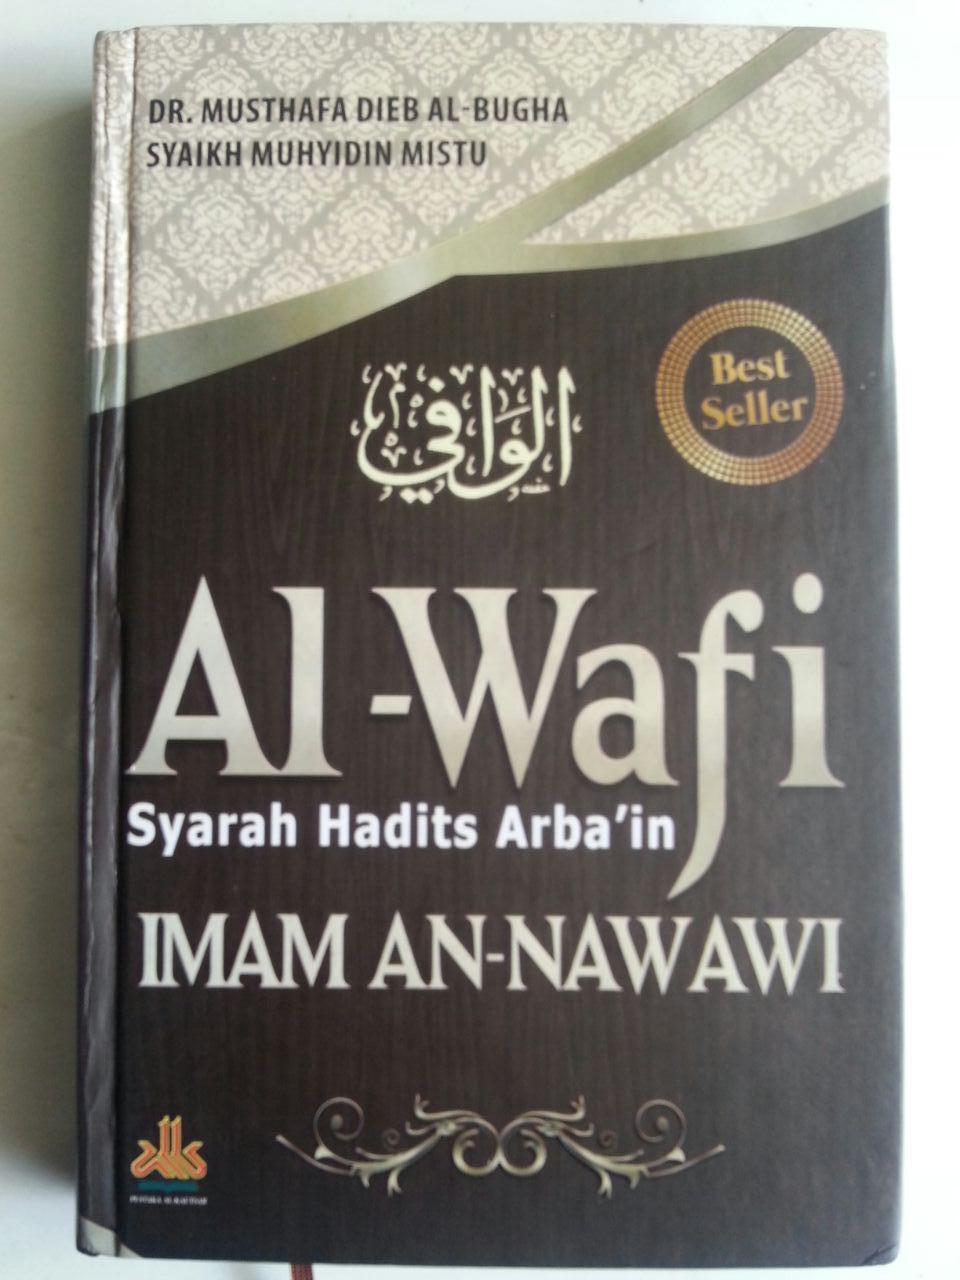 Buku Al-Wafi Syarah Hadits Arbain Imam An-Nawawi cover 2